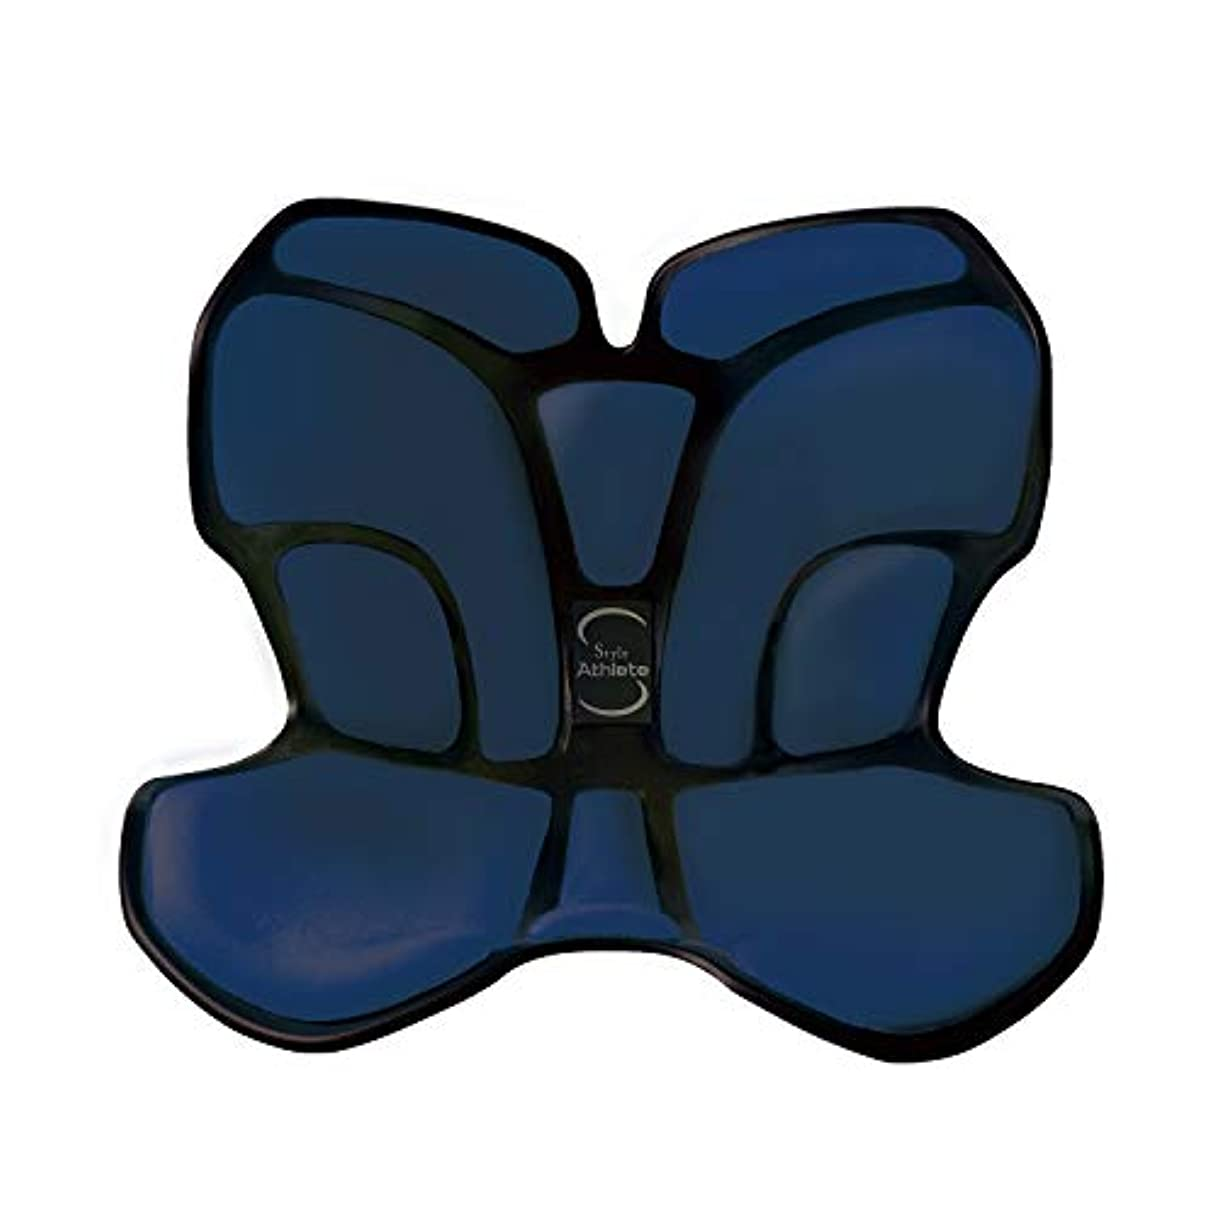 異議反論ホイッスルMTG 骨盤サポートチェア Style Athlete(スタイルアスリート) メーカー純正品 1年保証